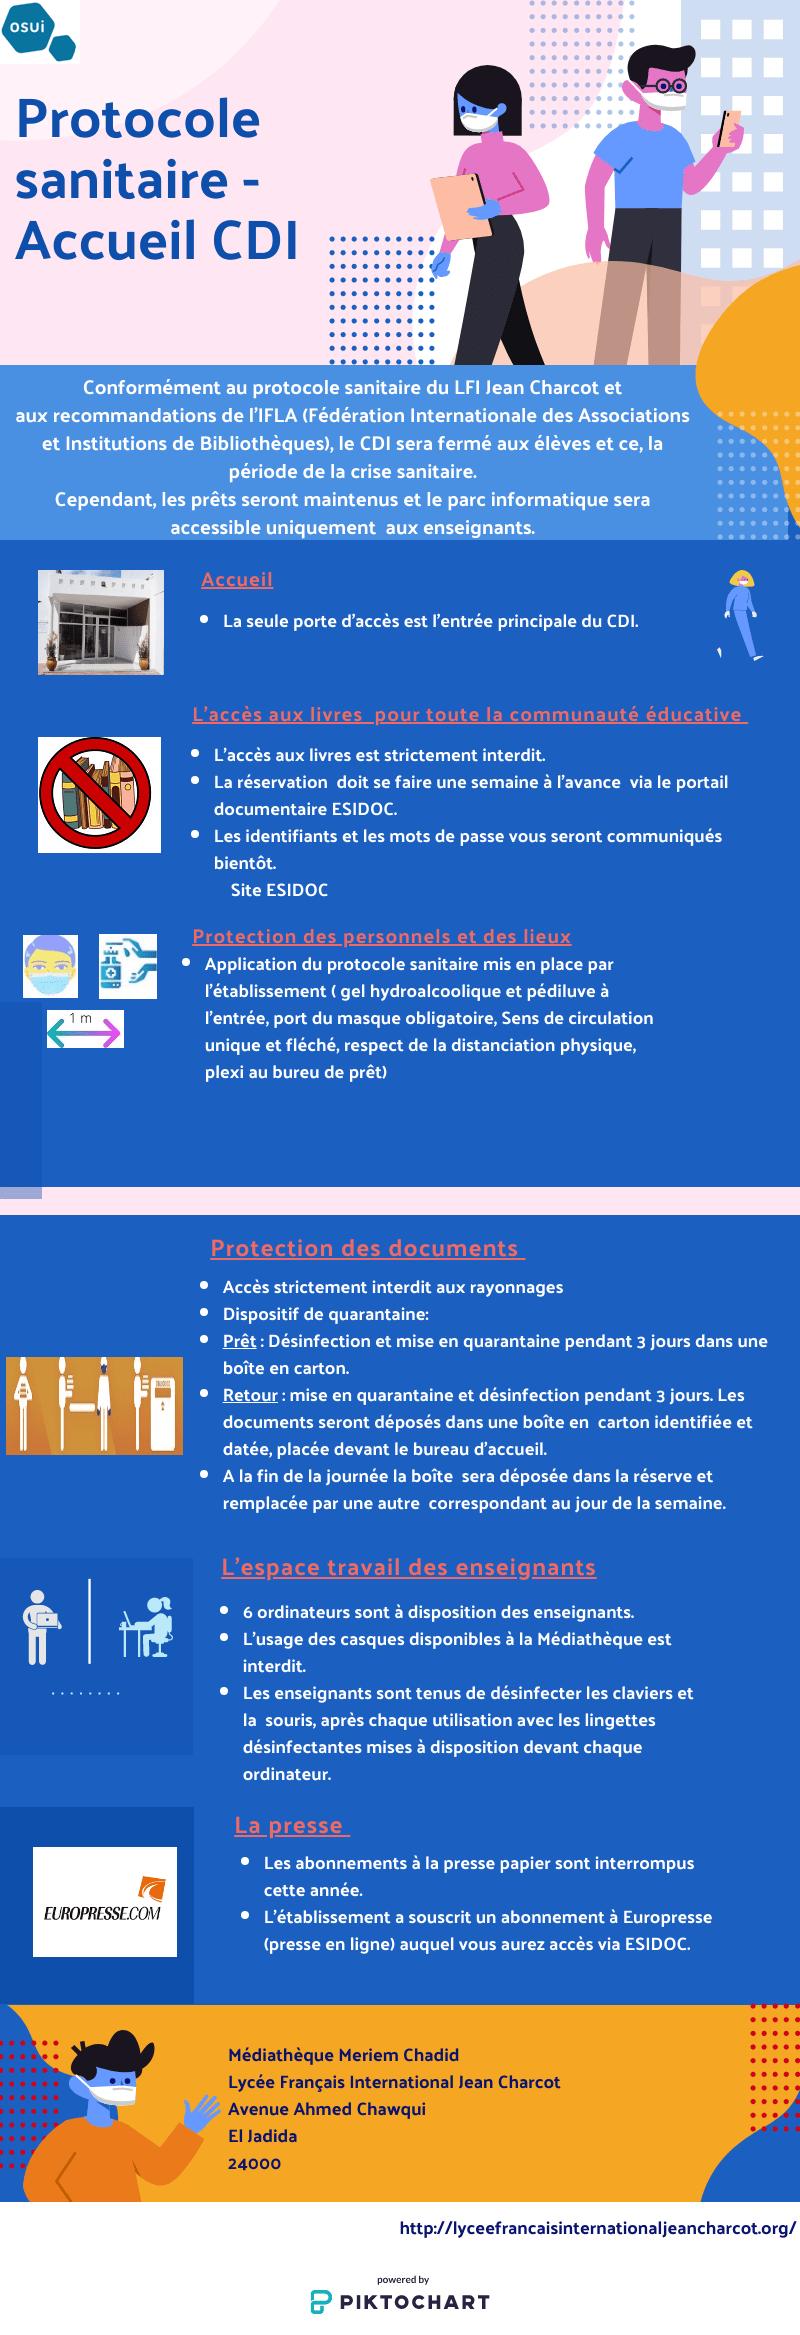 protocole sanitaire médiathèque Meriem chadid (1)